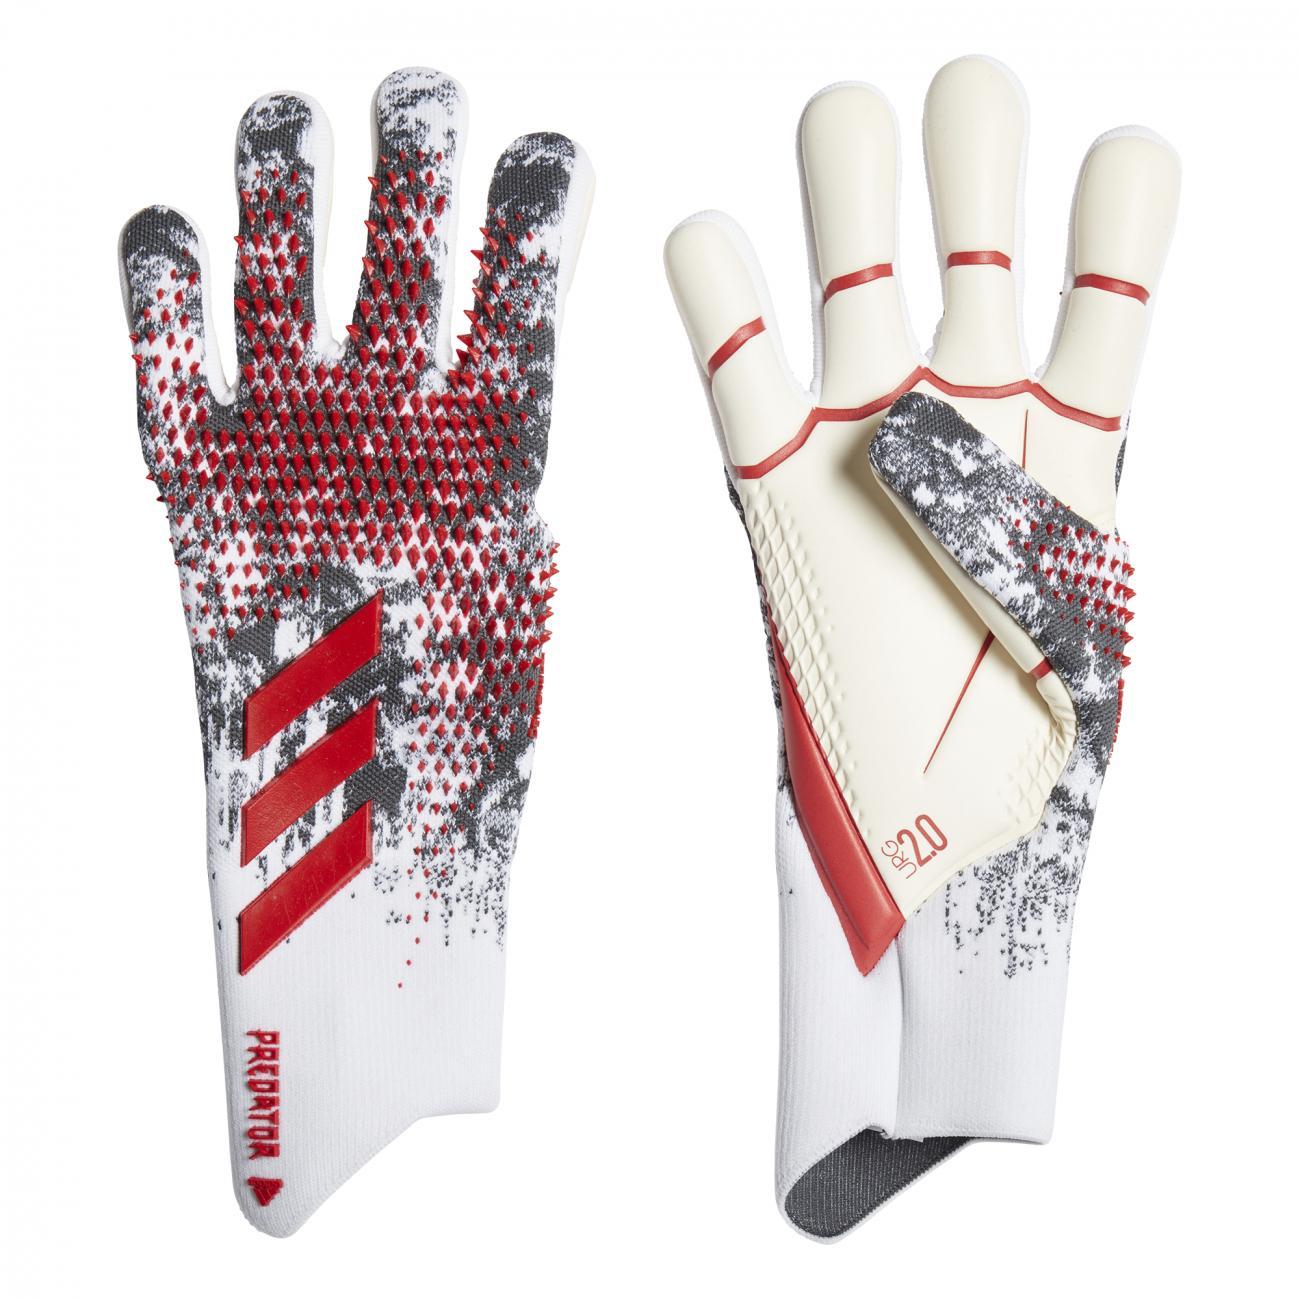 Adidas Predator 20 Pro Manuel Neuer Gloves online kopen